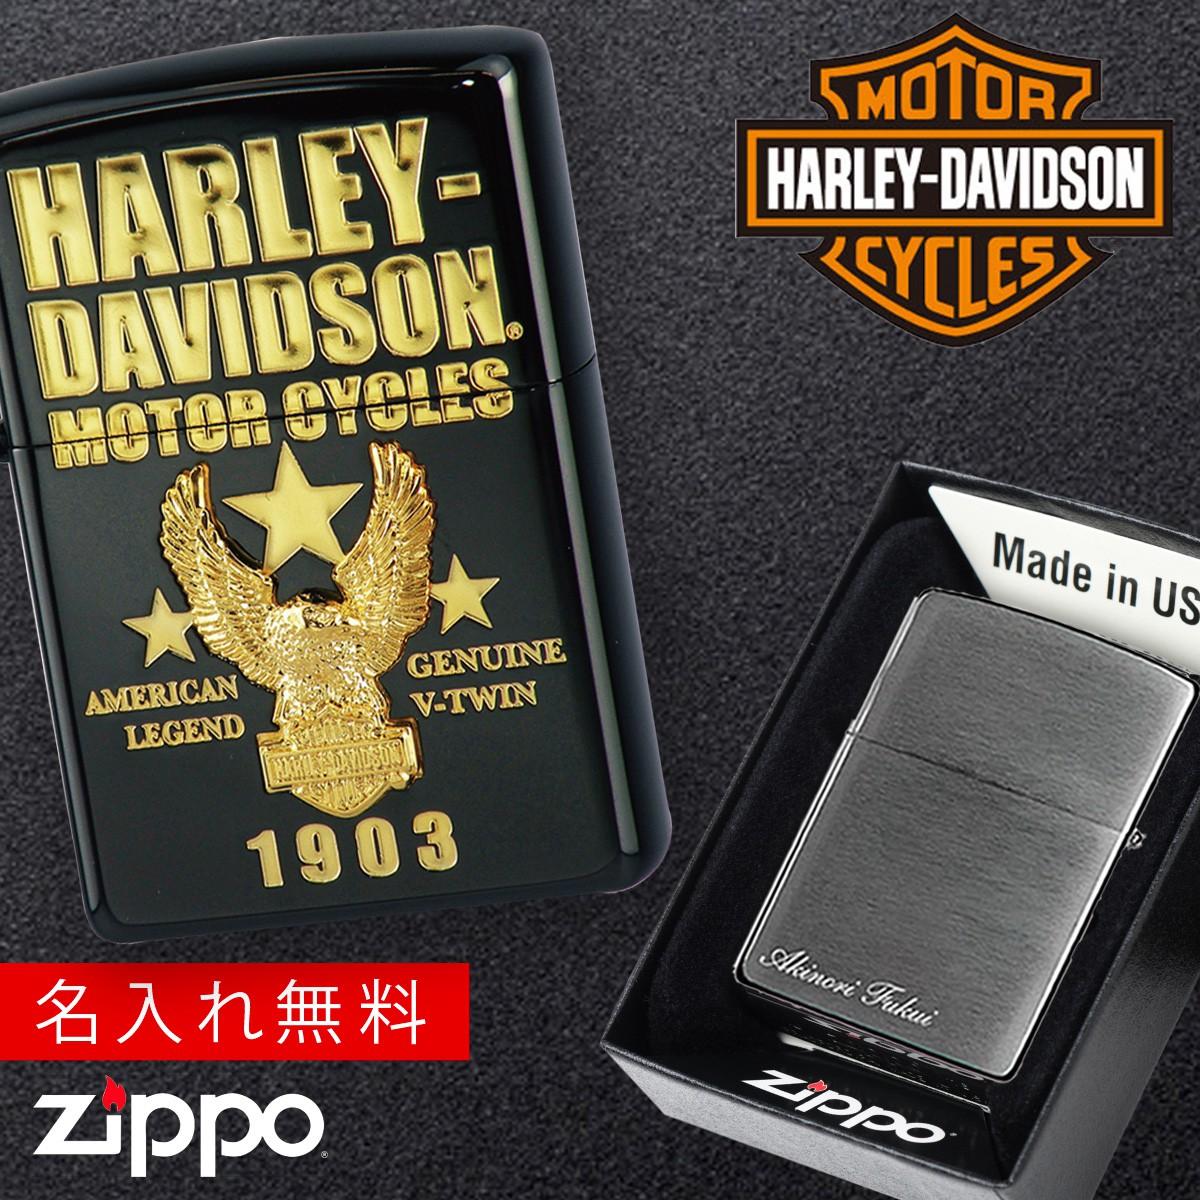 ジッポー ライター ハーレーダビットソン HARLEY DAVIDSON 名入れ ジッポライター オイルライター zippo HDP-51 バイク好き 彼氏 男性 メンズ 喫煙具 ギフト プレゼント 贈り物 返品不可 彫刻 無料 名前 名入れ メッセージ 喫煙具